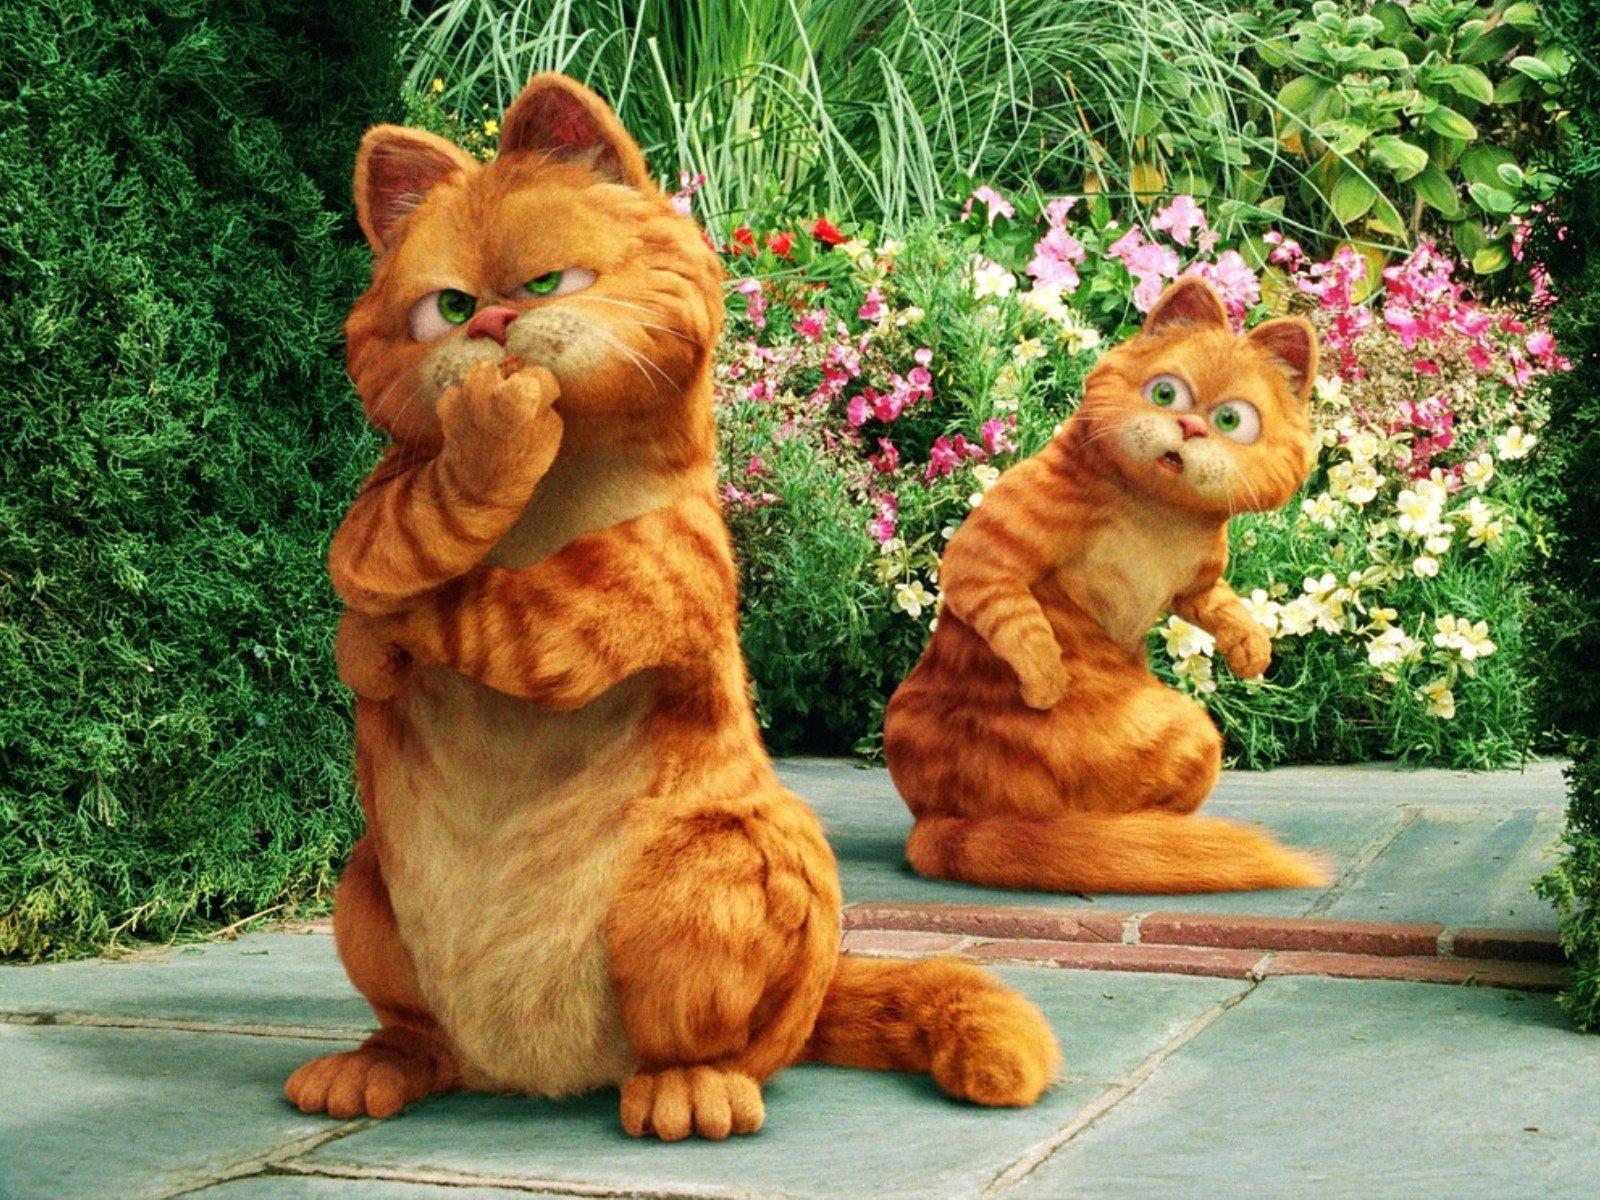 Смотреть онлайн кот гарфилд 29 фотография